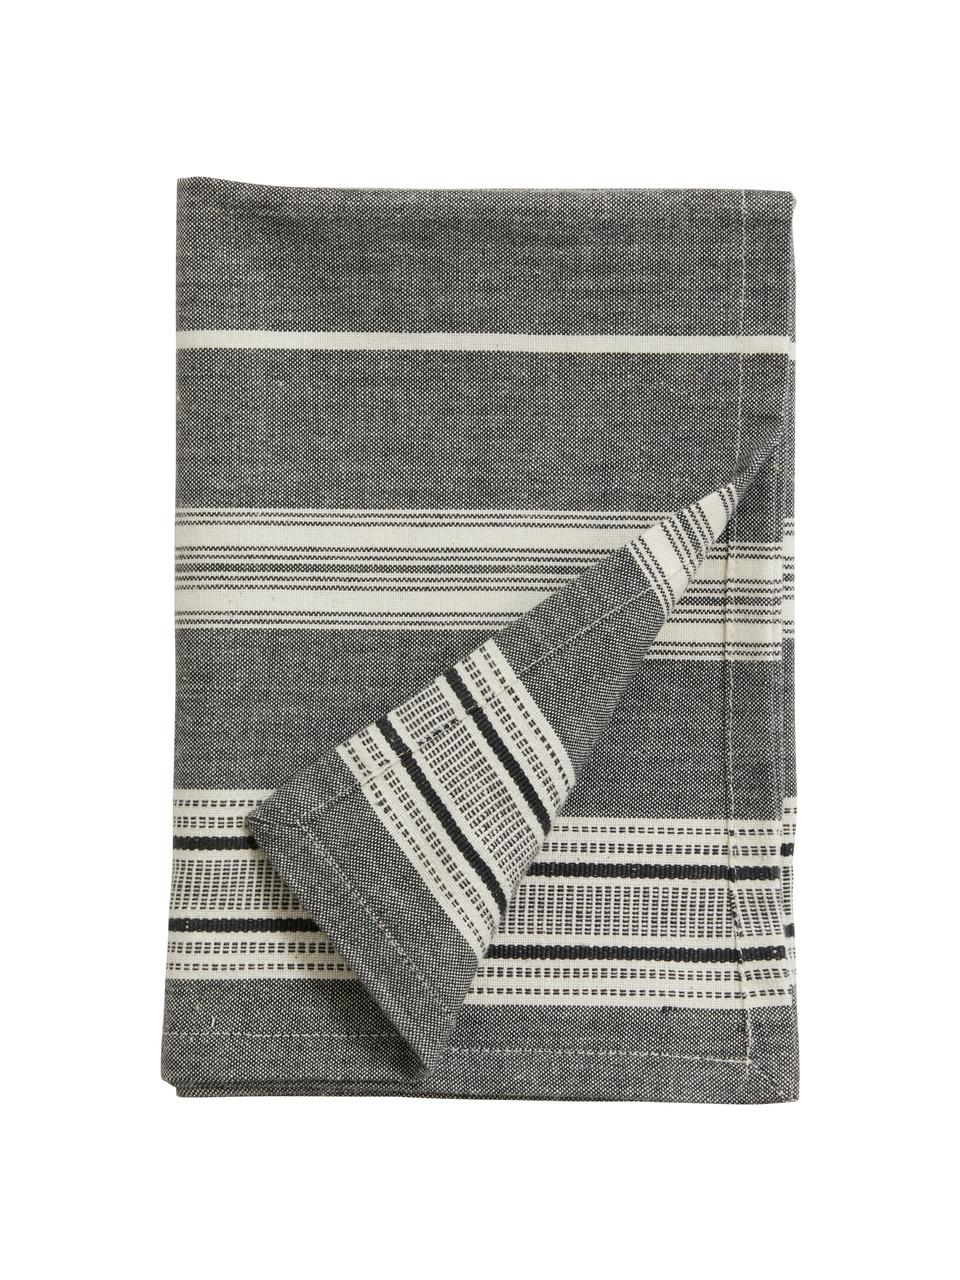 Gestreifte Baumwoll-Geschirrtücher Orio, 2 Stück, 100% Baumwolle, Weiß, Schwarz, 52 x 72 cm